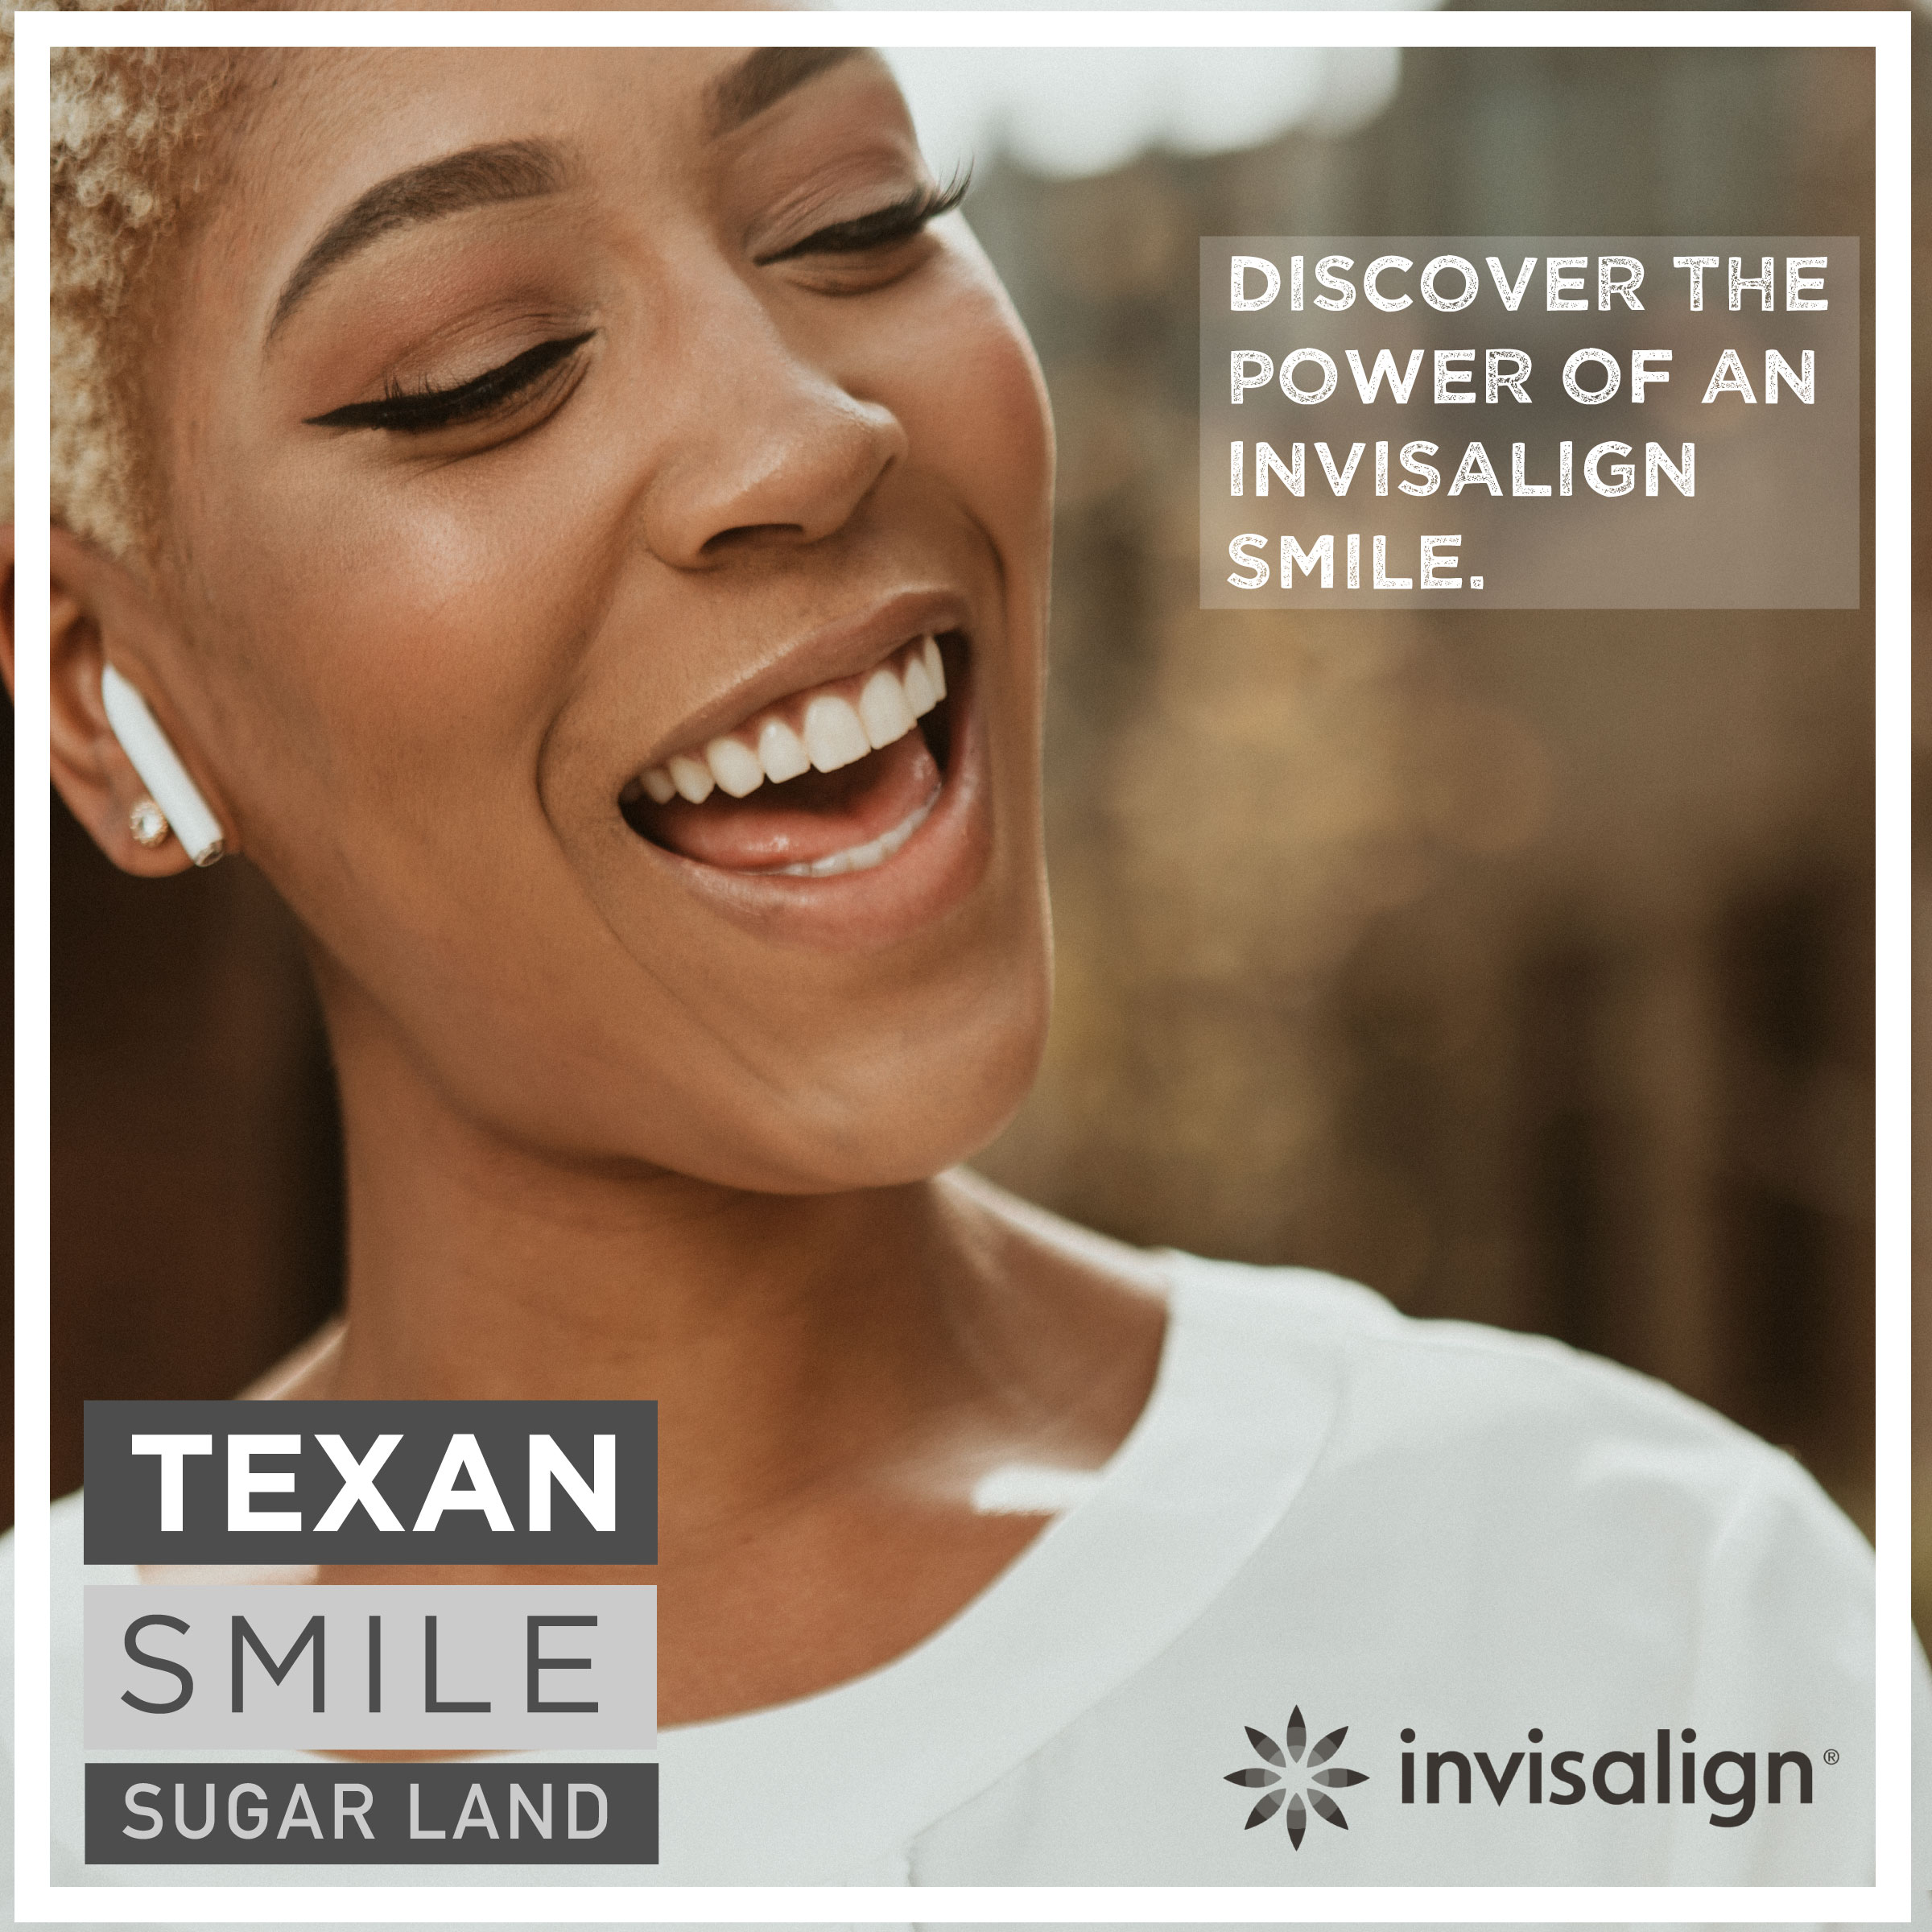 Invisalign Treatment In Sugar Land Tx Invisalign Dentist Near You